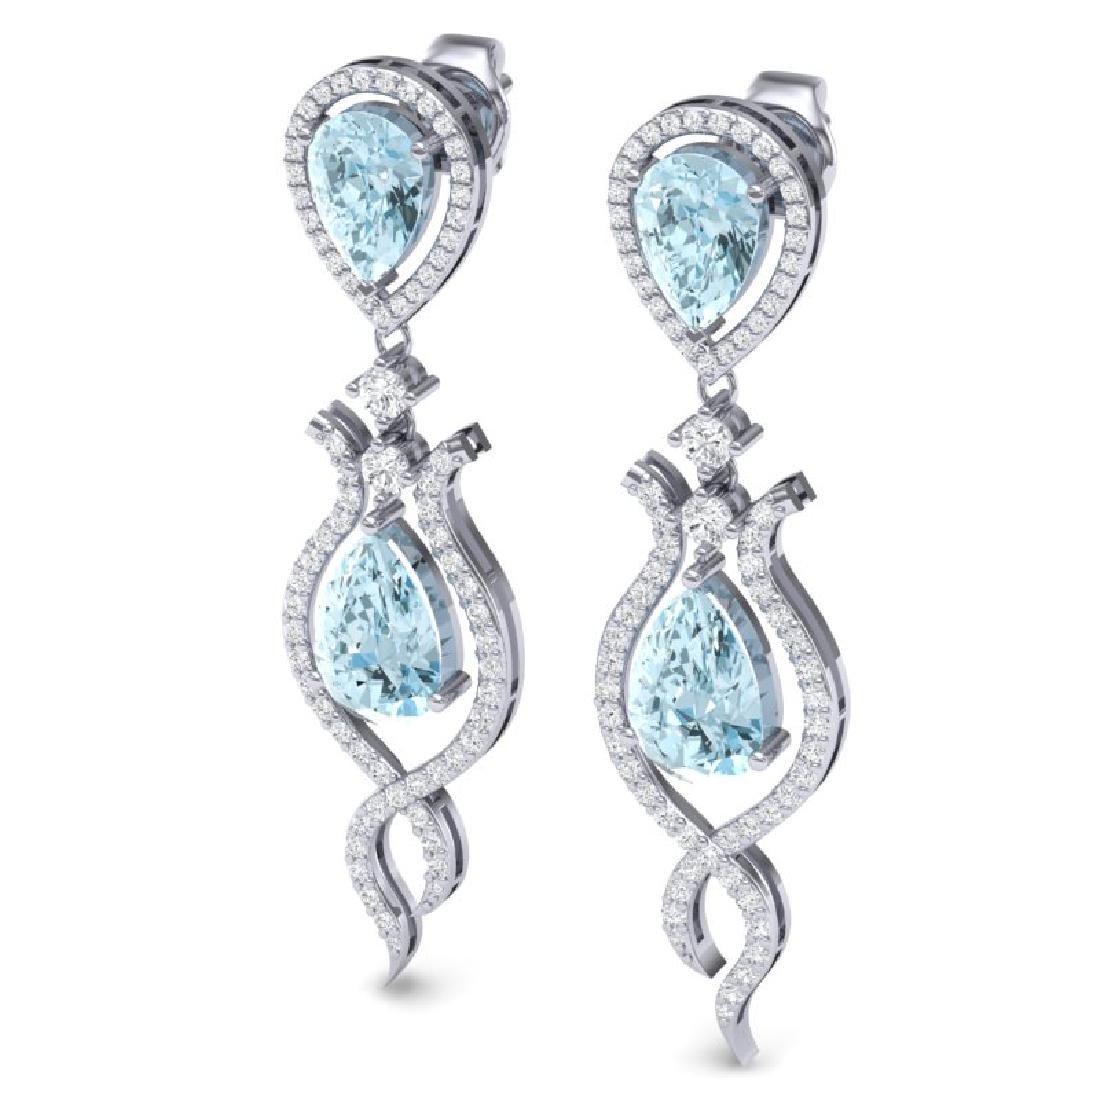 16.57 CTW Royalty Sky Topaz & VS Diamond Earrings 18K